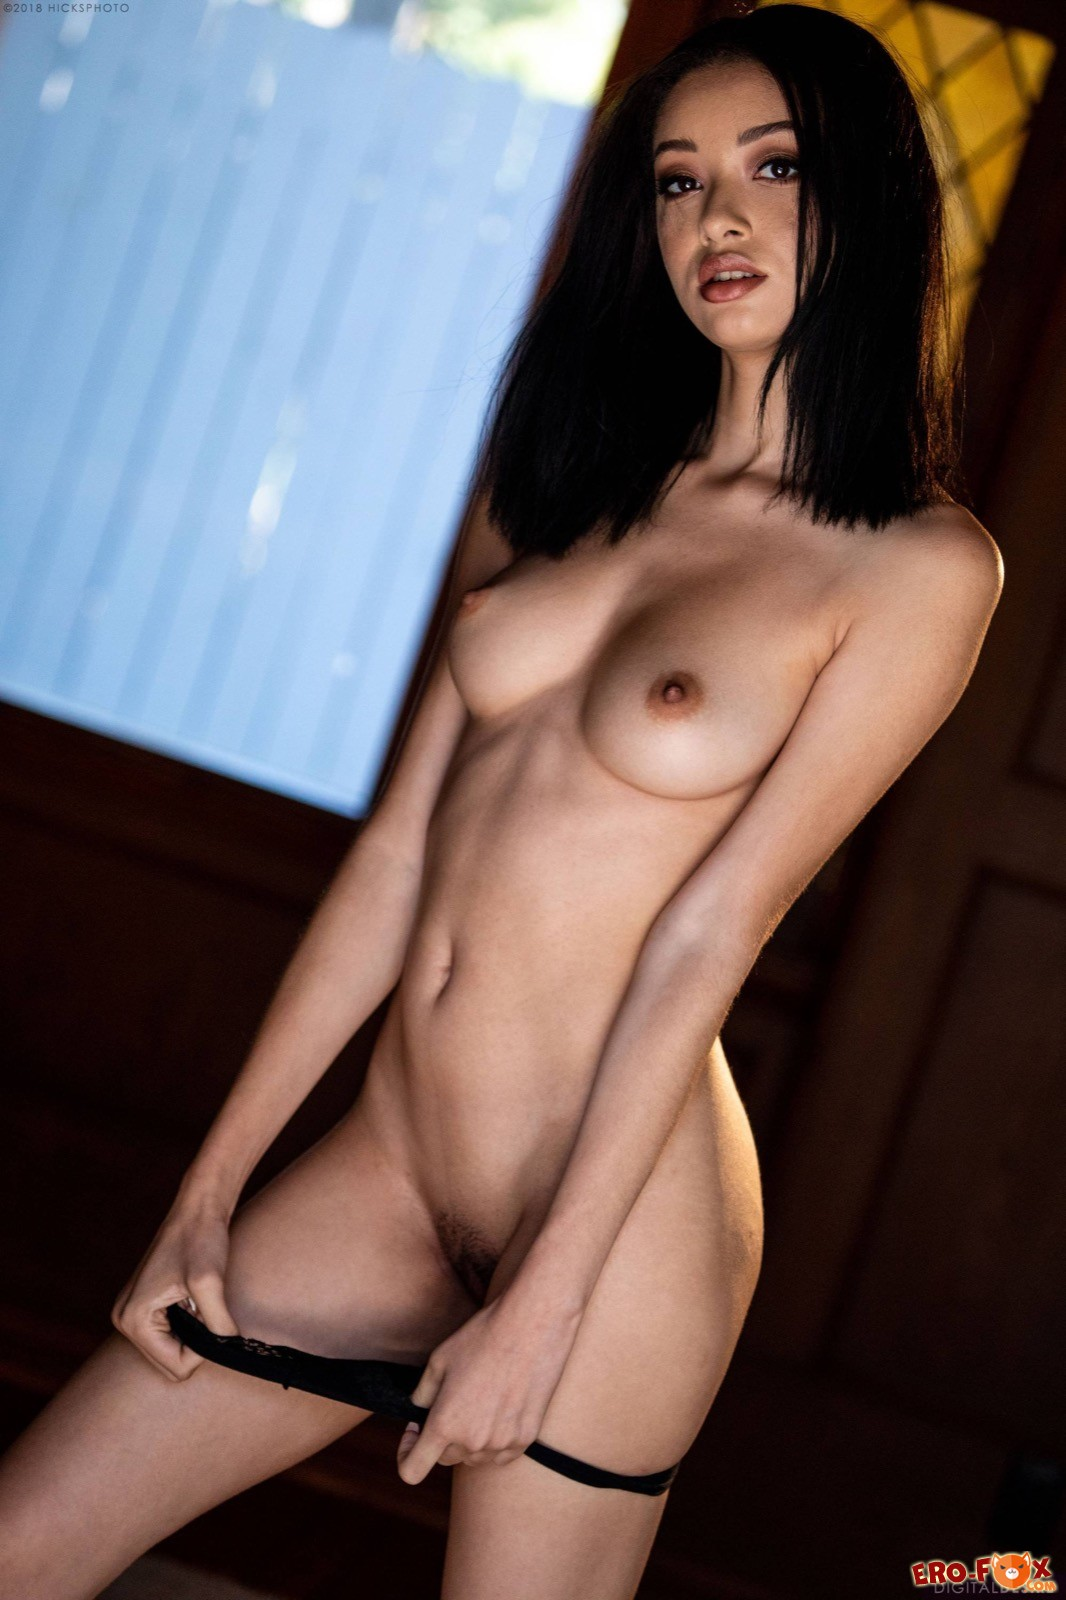 Брюнетка с упругими сиськами позирует голая - фото